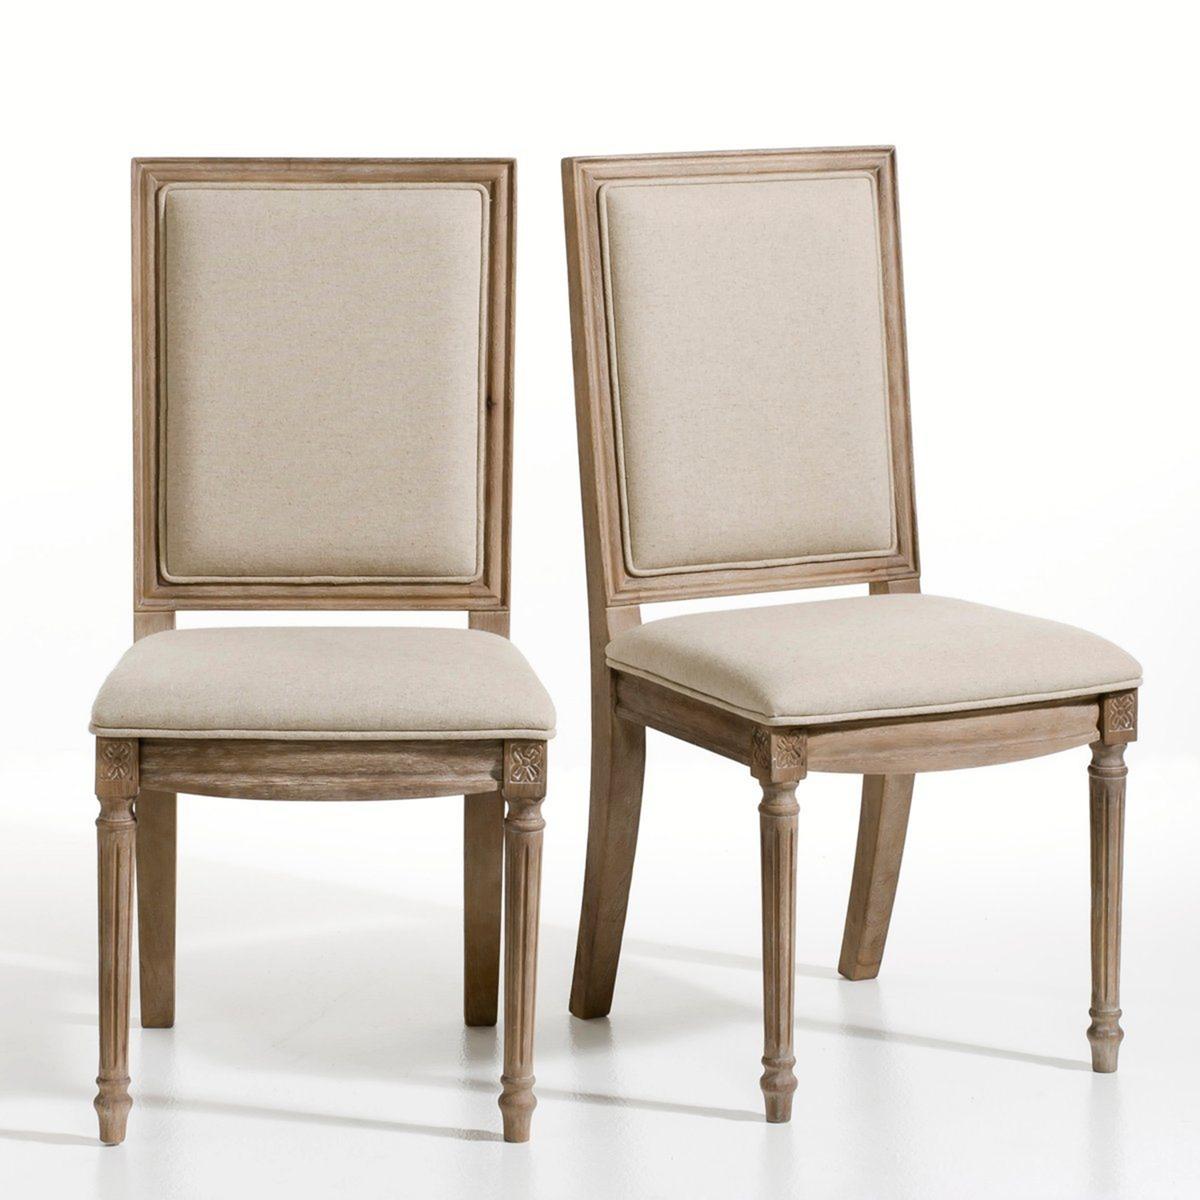 Комплект из стульев в La Redoute Стиле Людовика XVI Nottingham единый размер каштановый sleaford mods nottingham